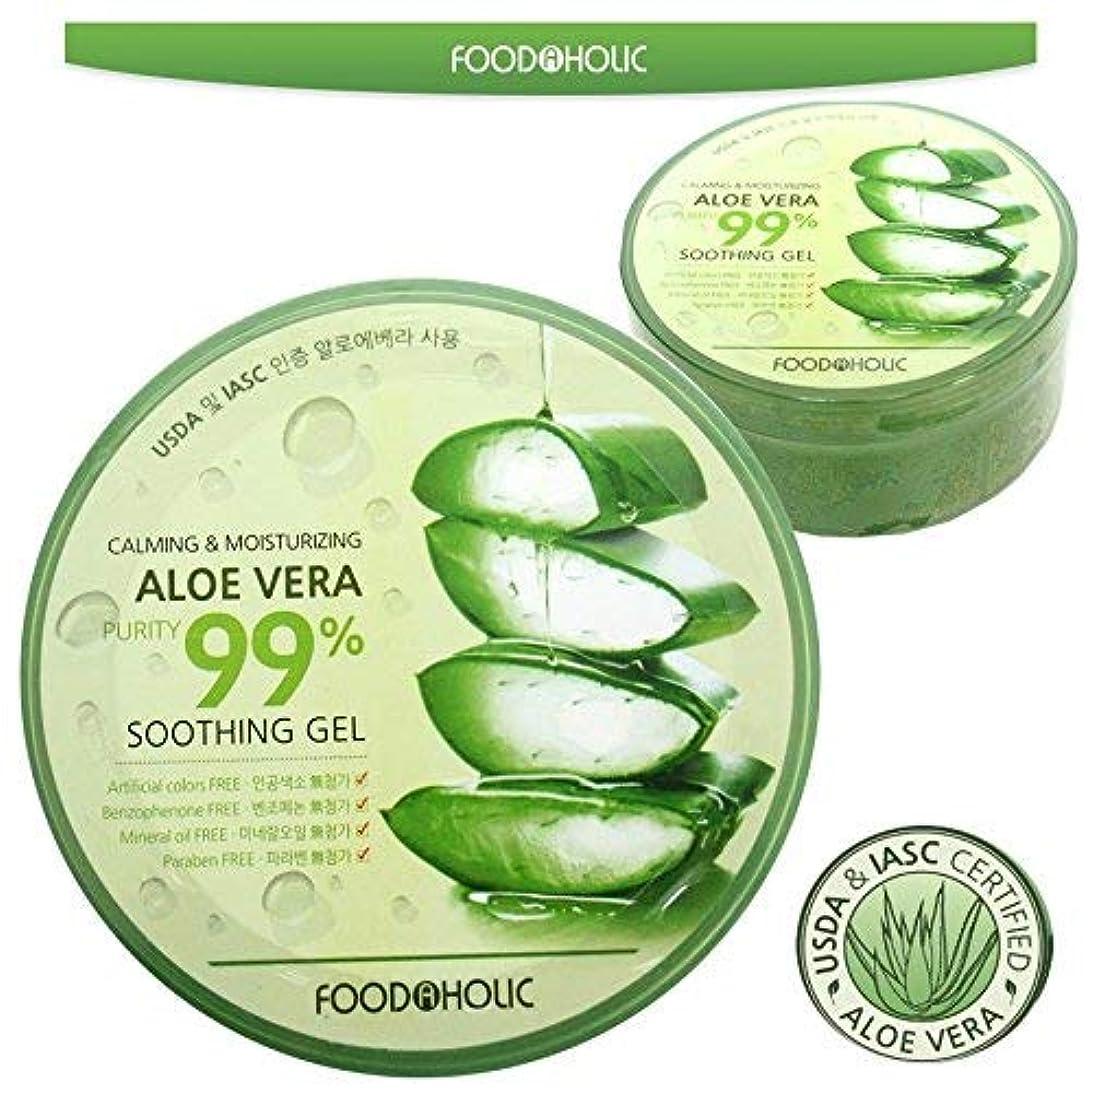 ダイジェスト前部受信機[FOOD A HOLIC] 穏やかな&保湿アロエベラ純度は99%スージングジェル(300ml * 1EA) / Calming & Moisturizing Aloe Vera Purity 99% Soothing...